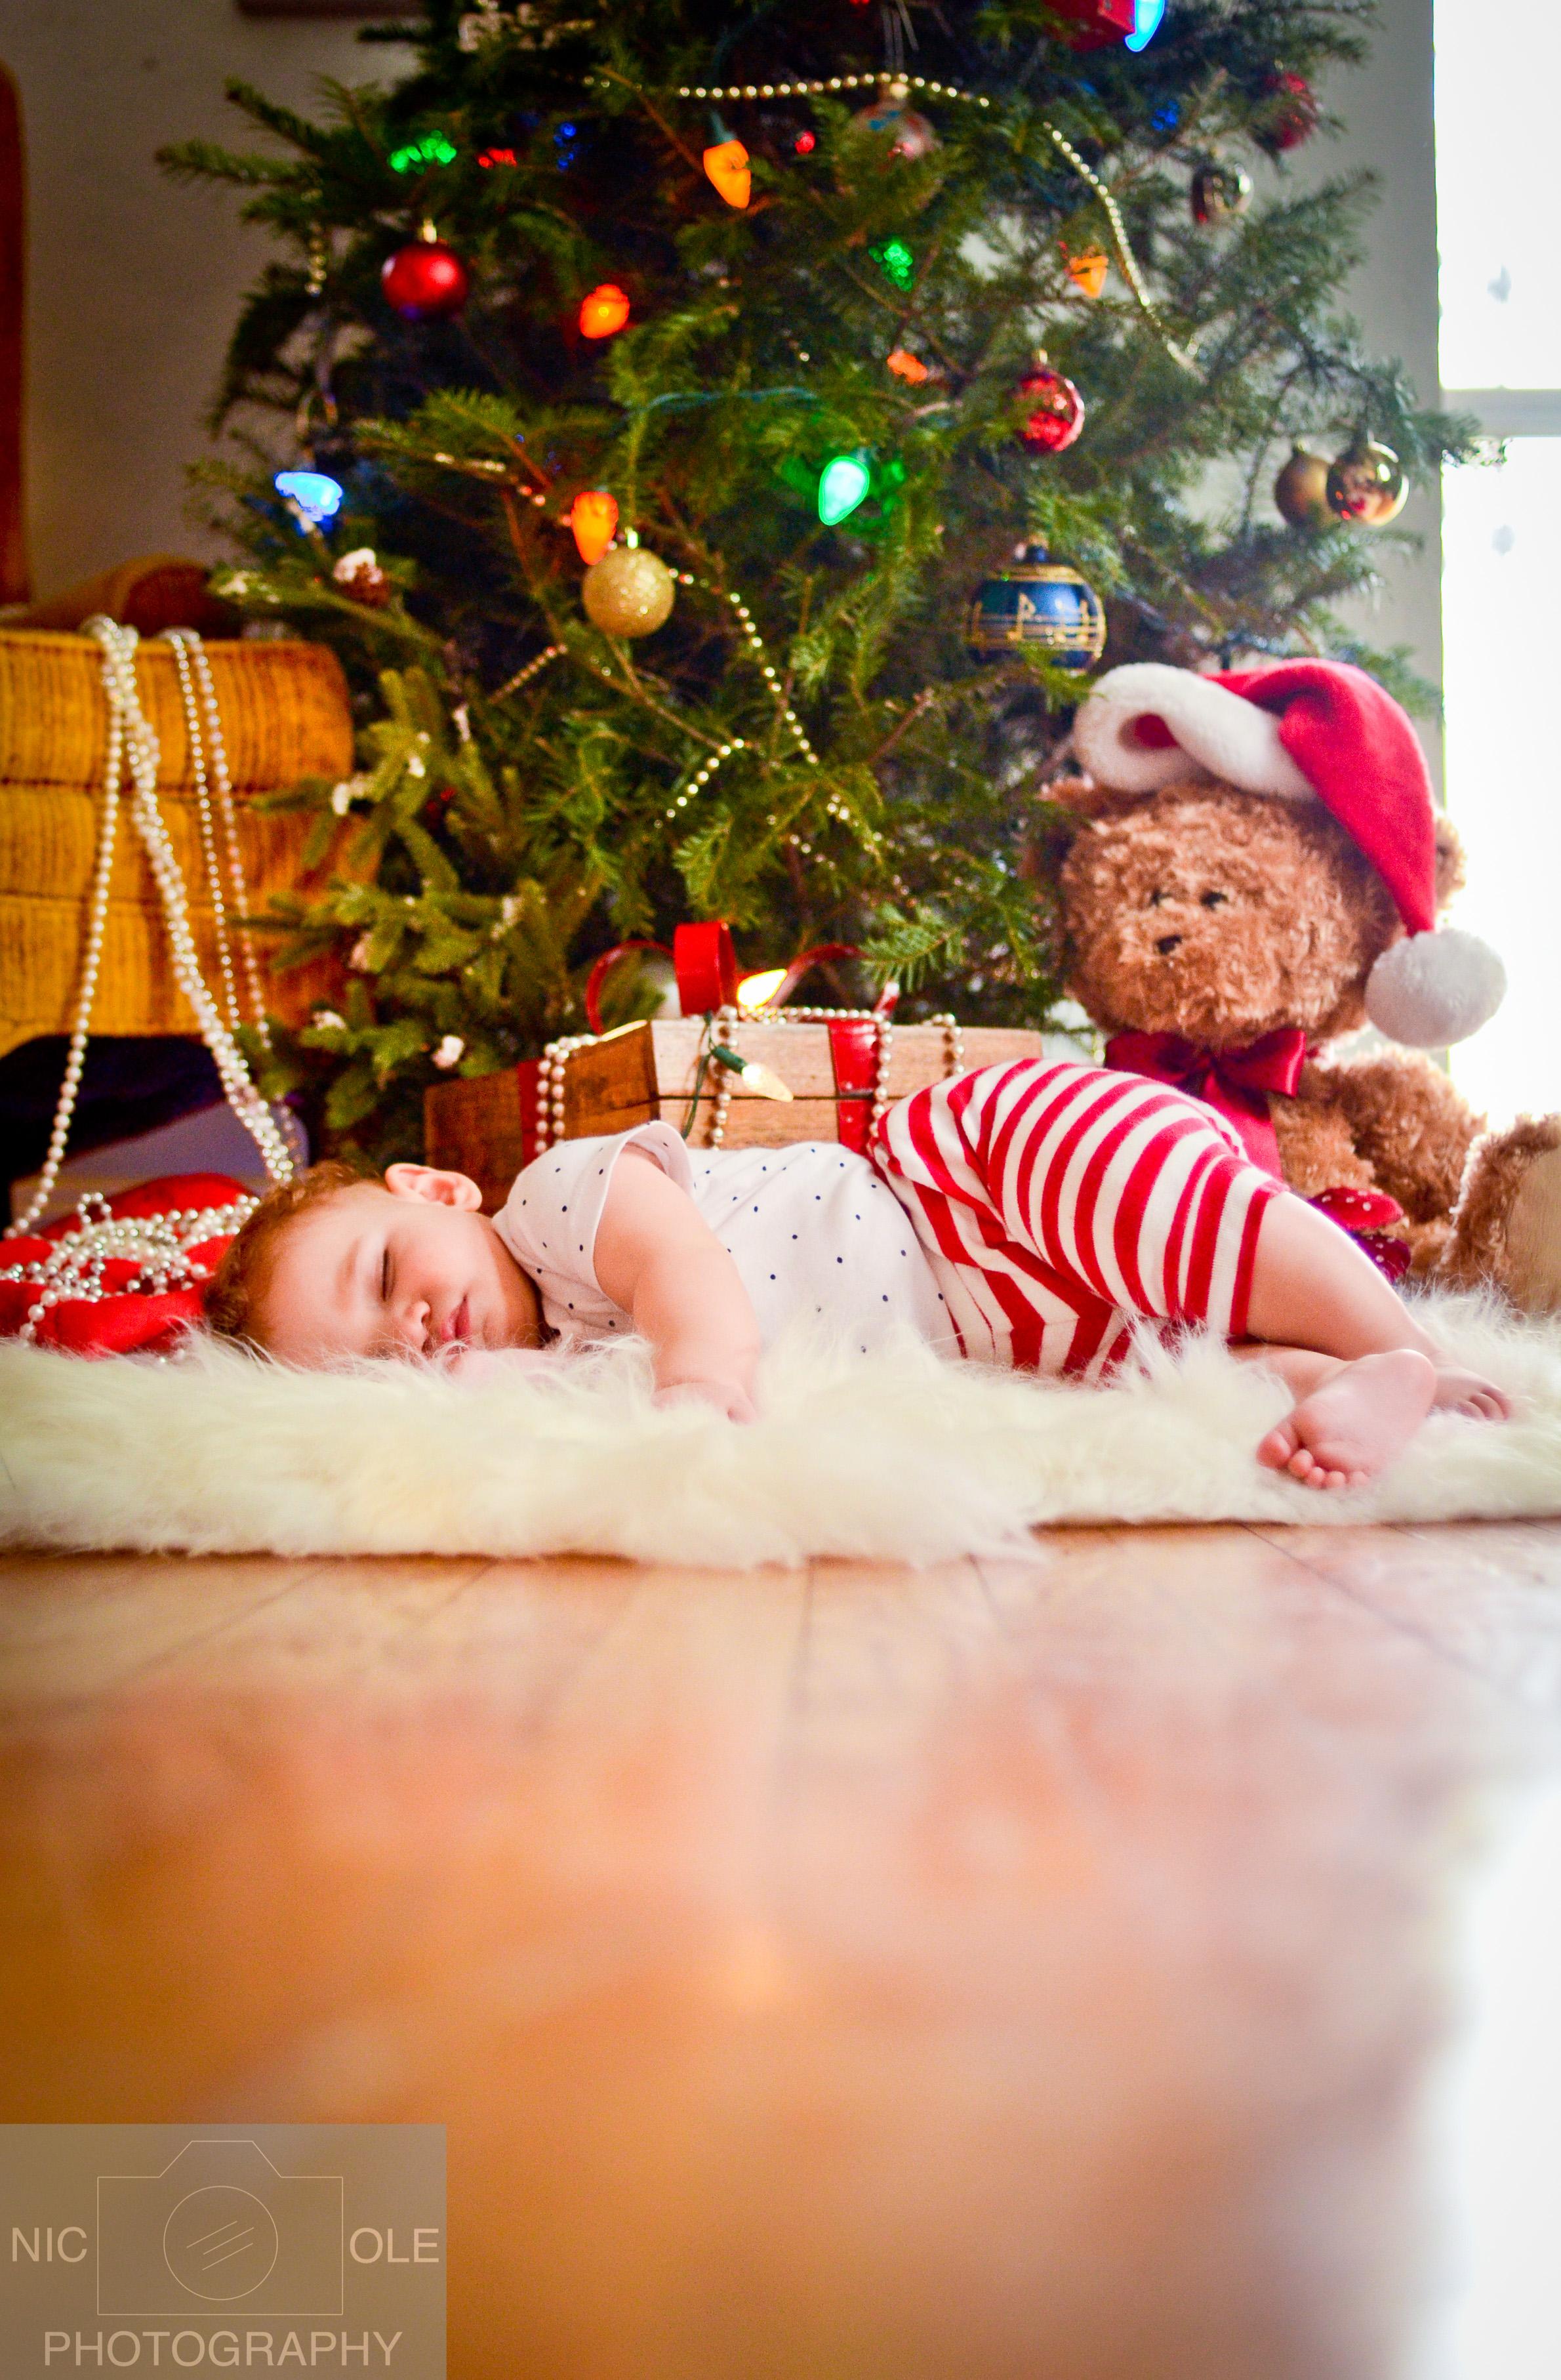 O&Z Christmas Photos- Nic.Ole Photography-9.jpg